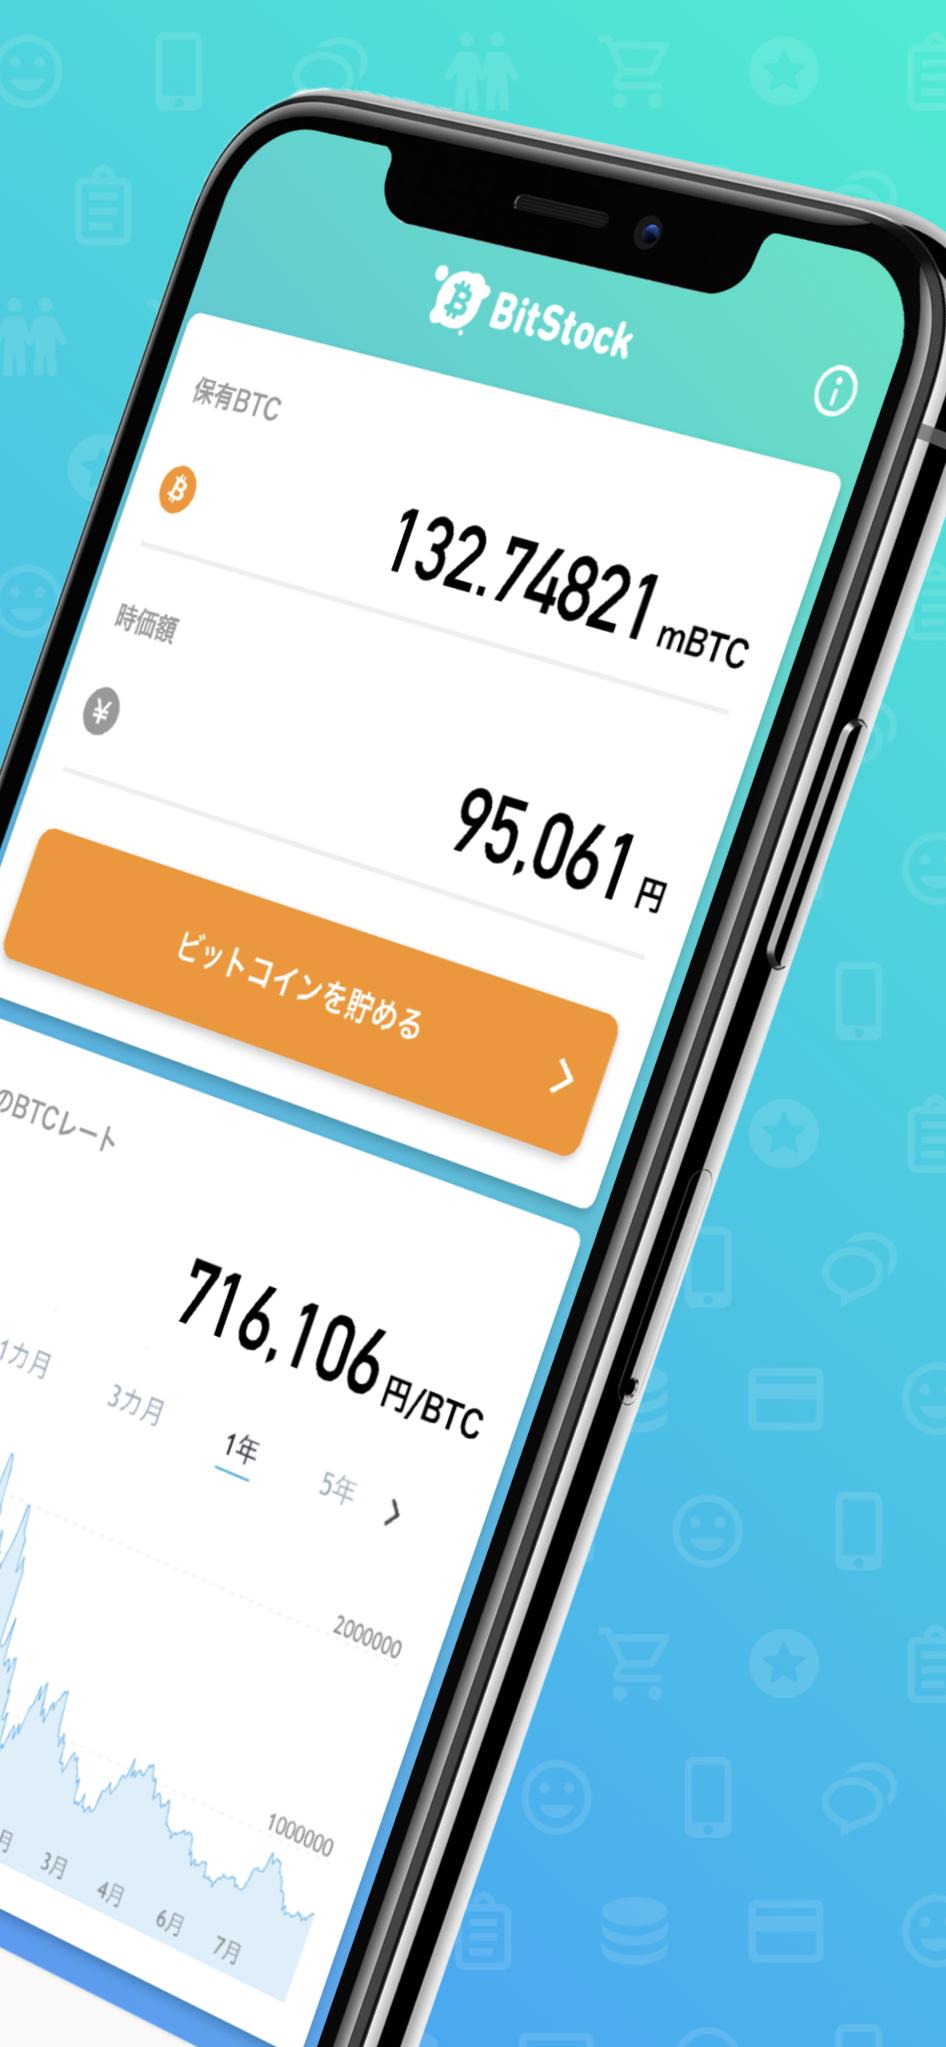 投資購入 ビットコイン 東京都